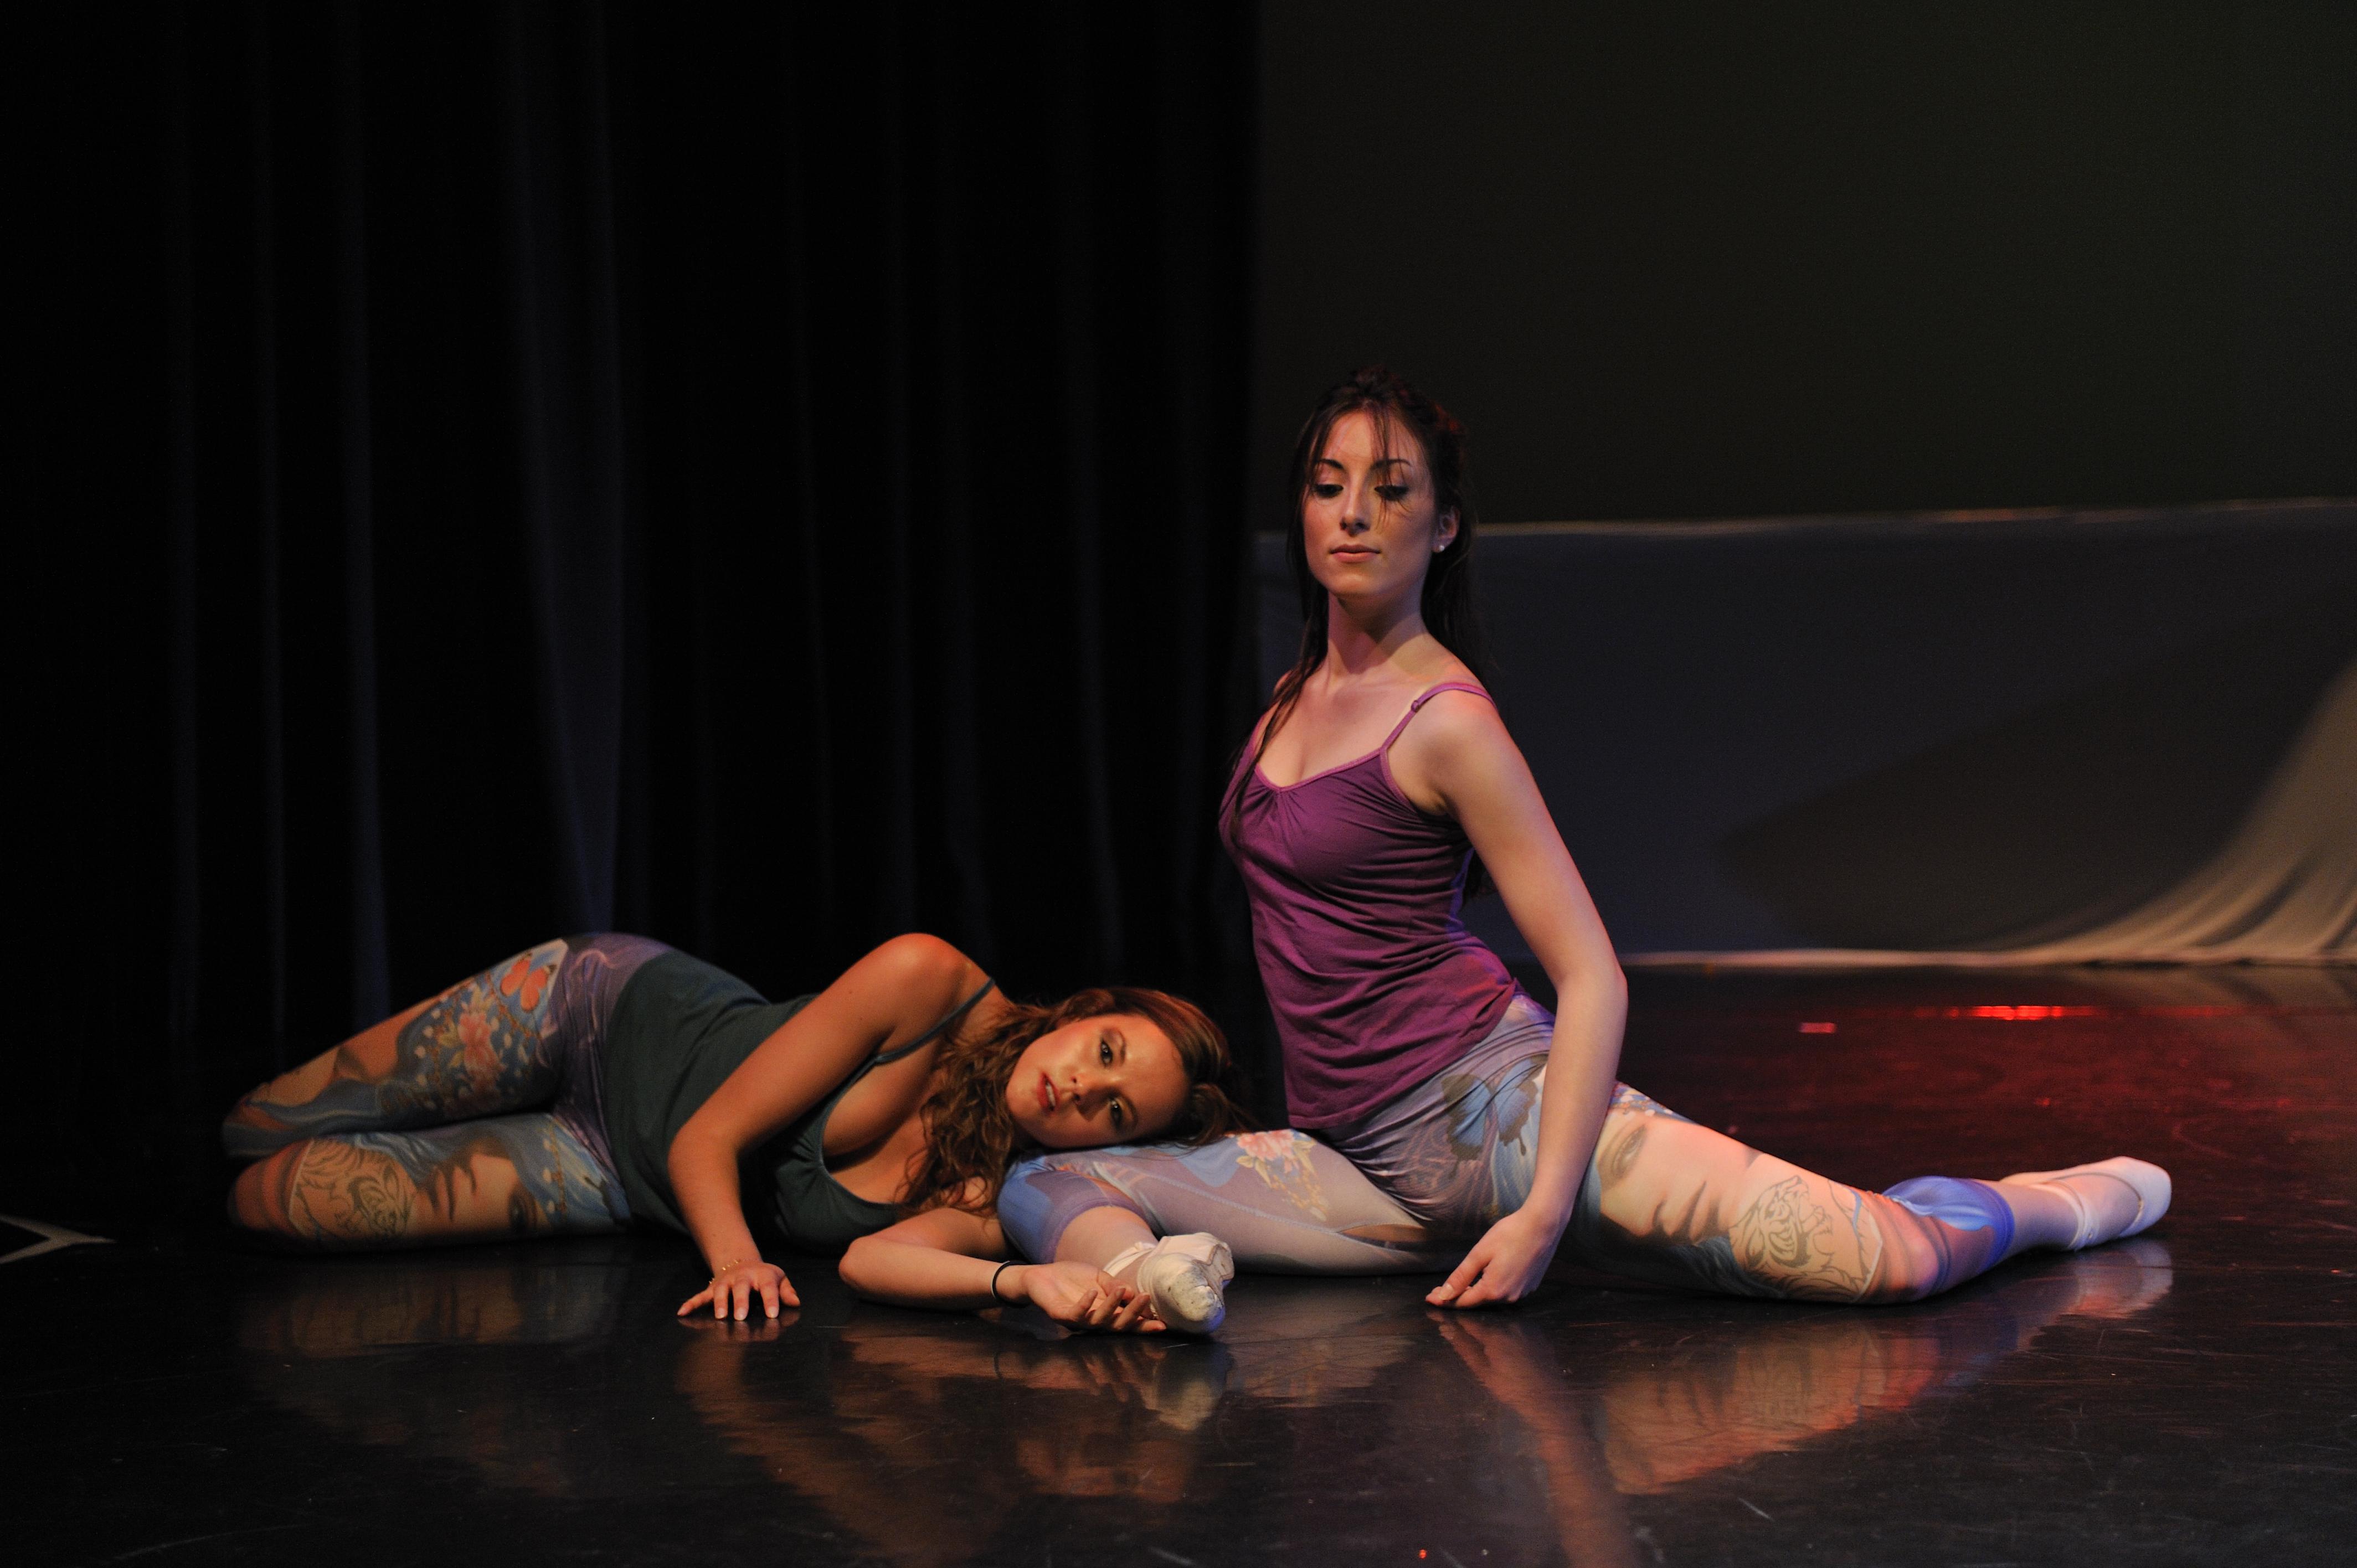 cours de danse lancy